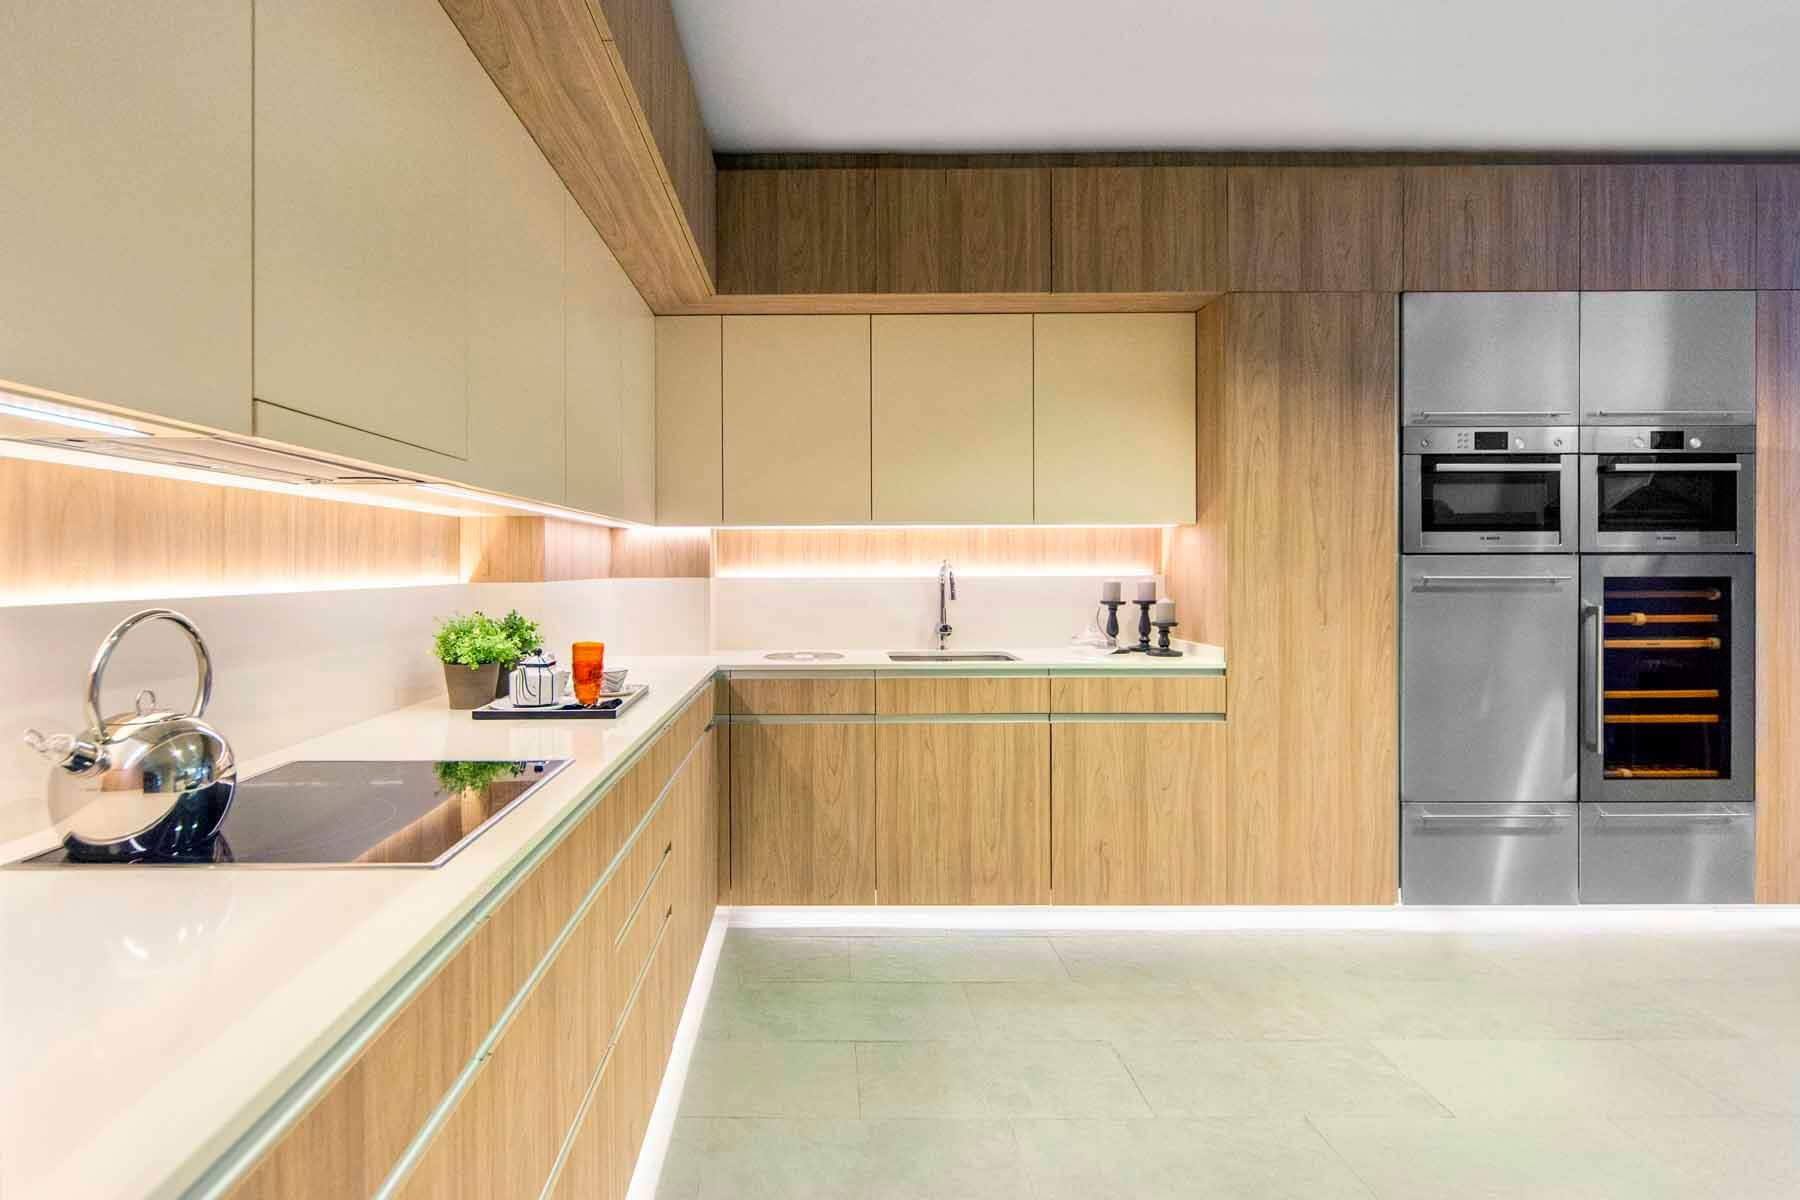 cocina serie Hölst en estratificado madera con encimera de porcelánico - muebles de cocina